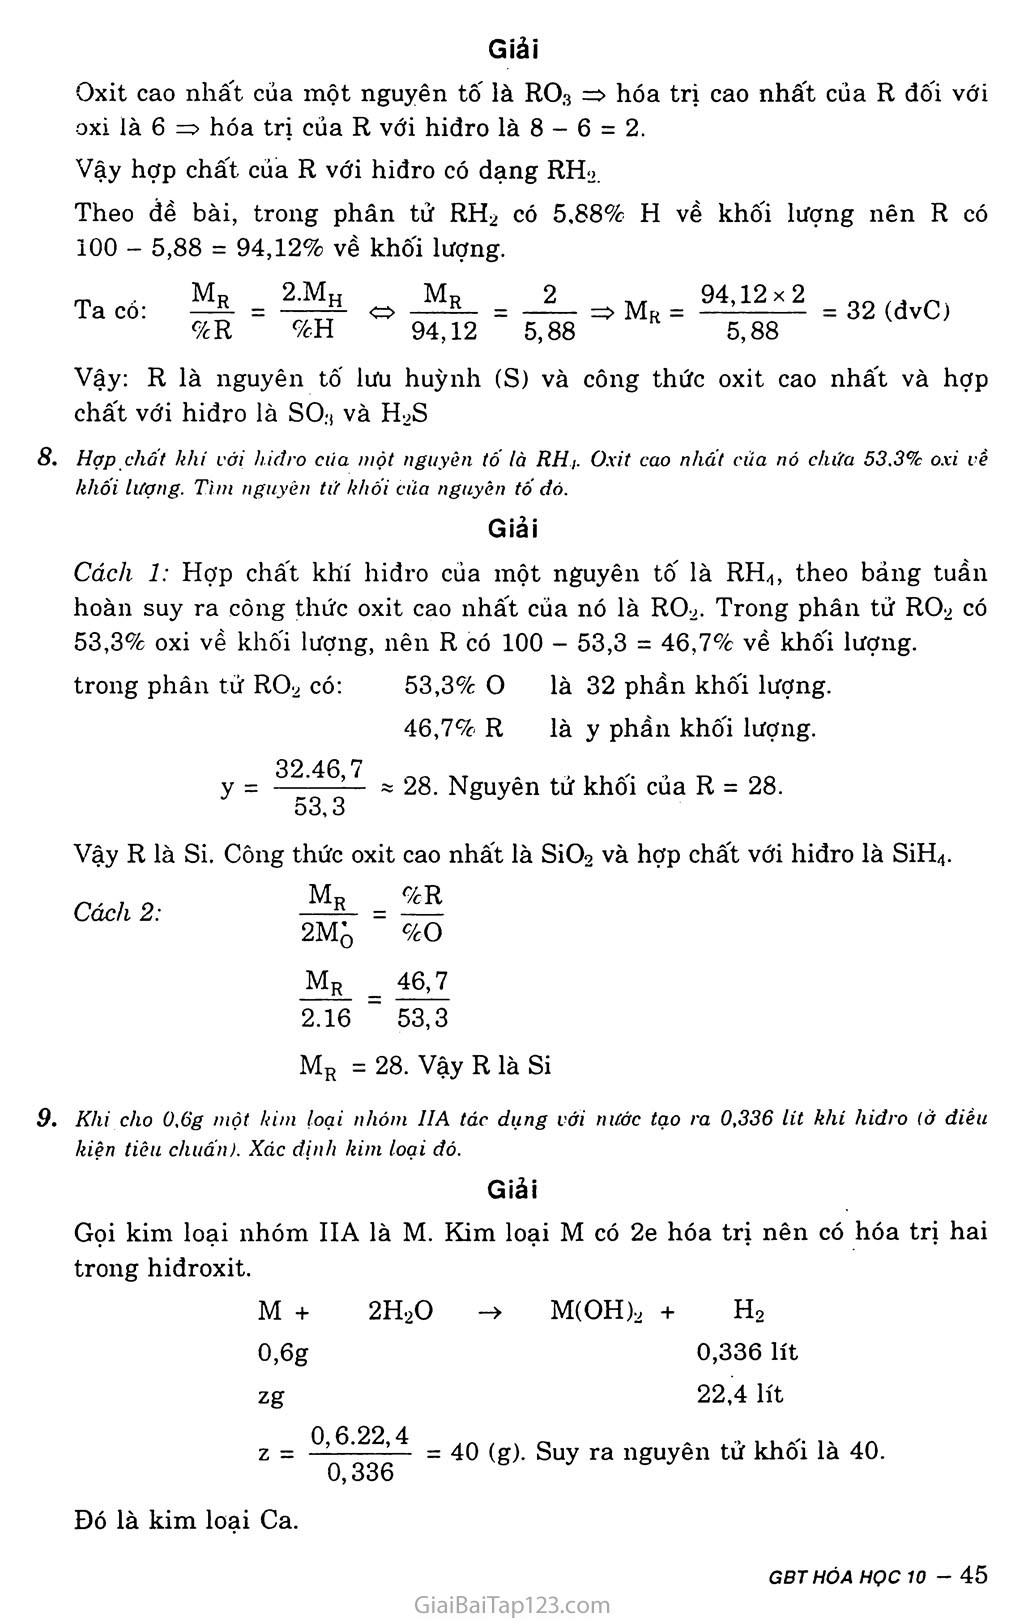 Bài 11: Luyện tập: Bảng tuần hoàn, sự biến đổi tuần hoàn cấu hình electron nguyên tử và tính chất của các nguyên tố hóa học trang 5